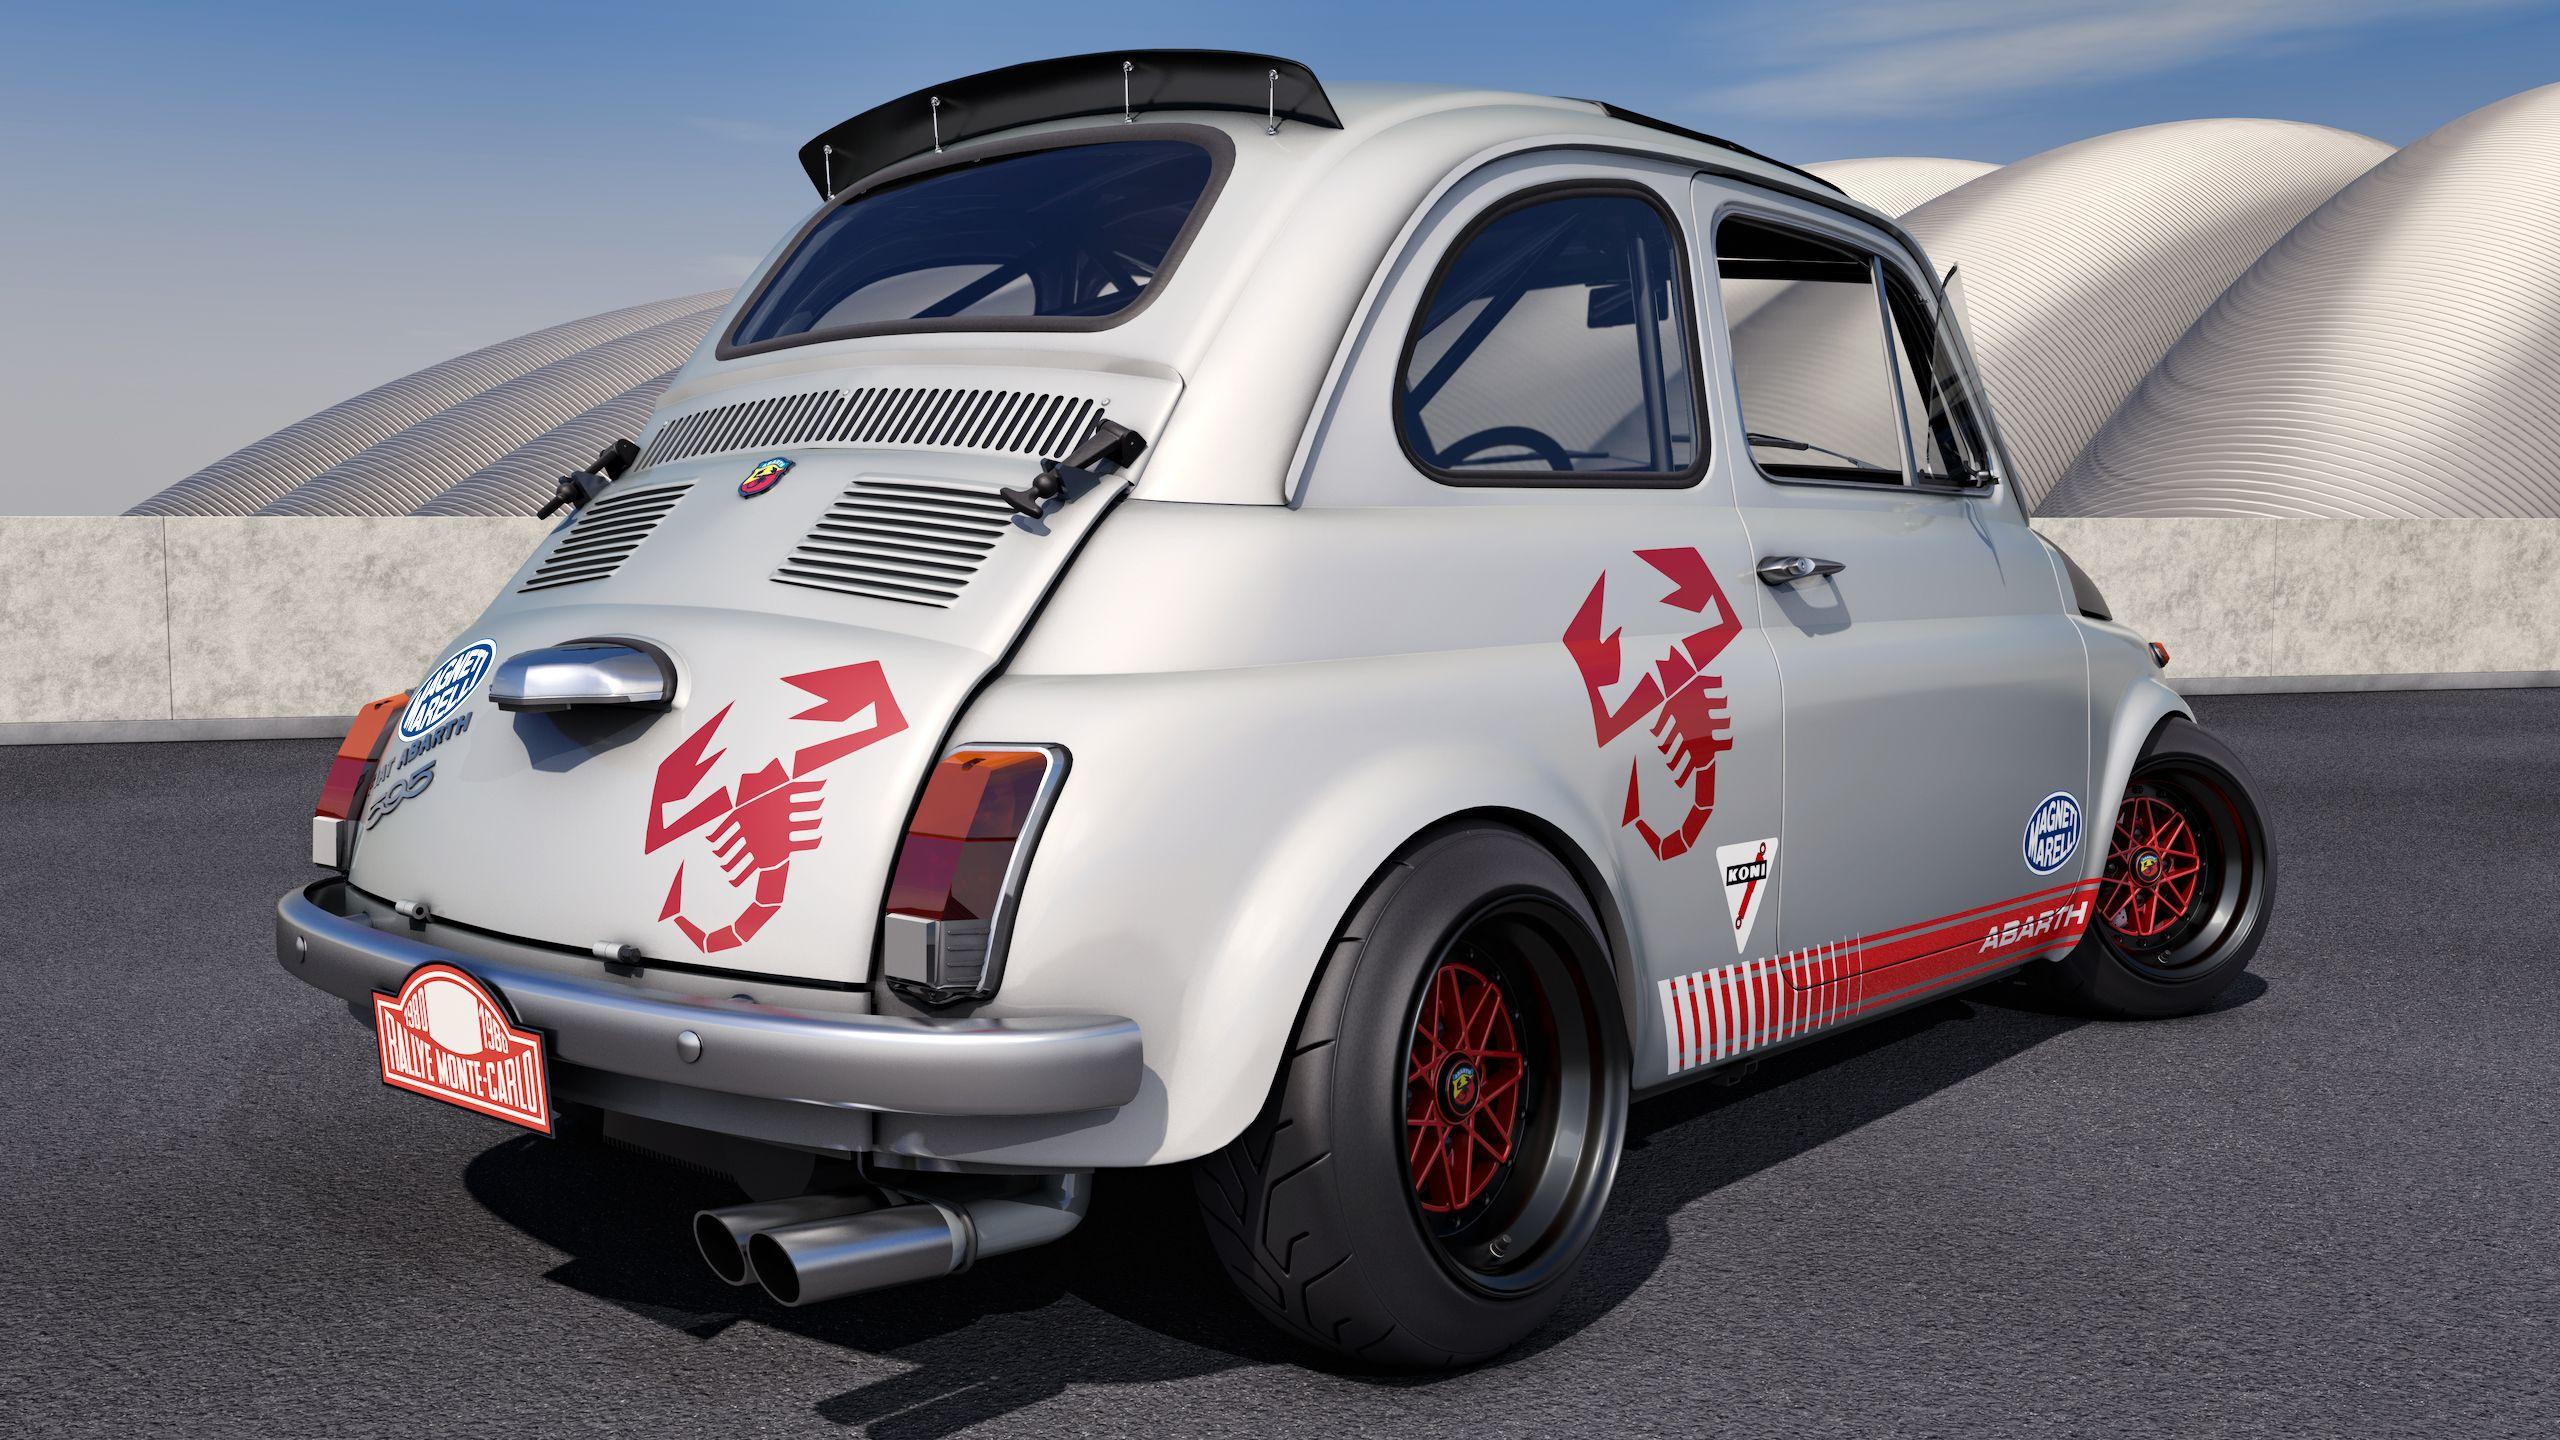 1968 Fiat Abarth 595 By Samcurry Deviantart Com On Deviantart